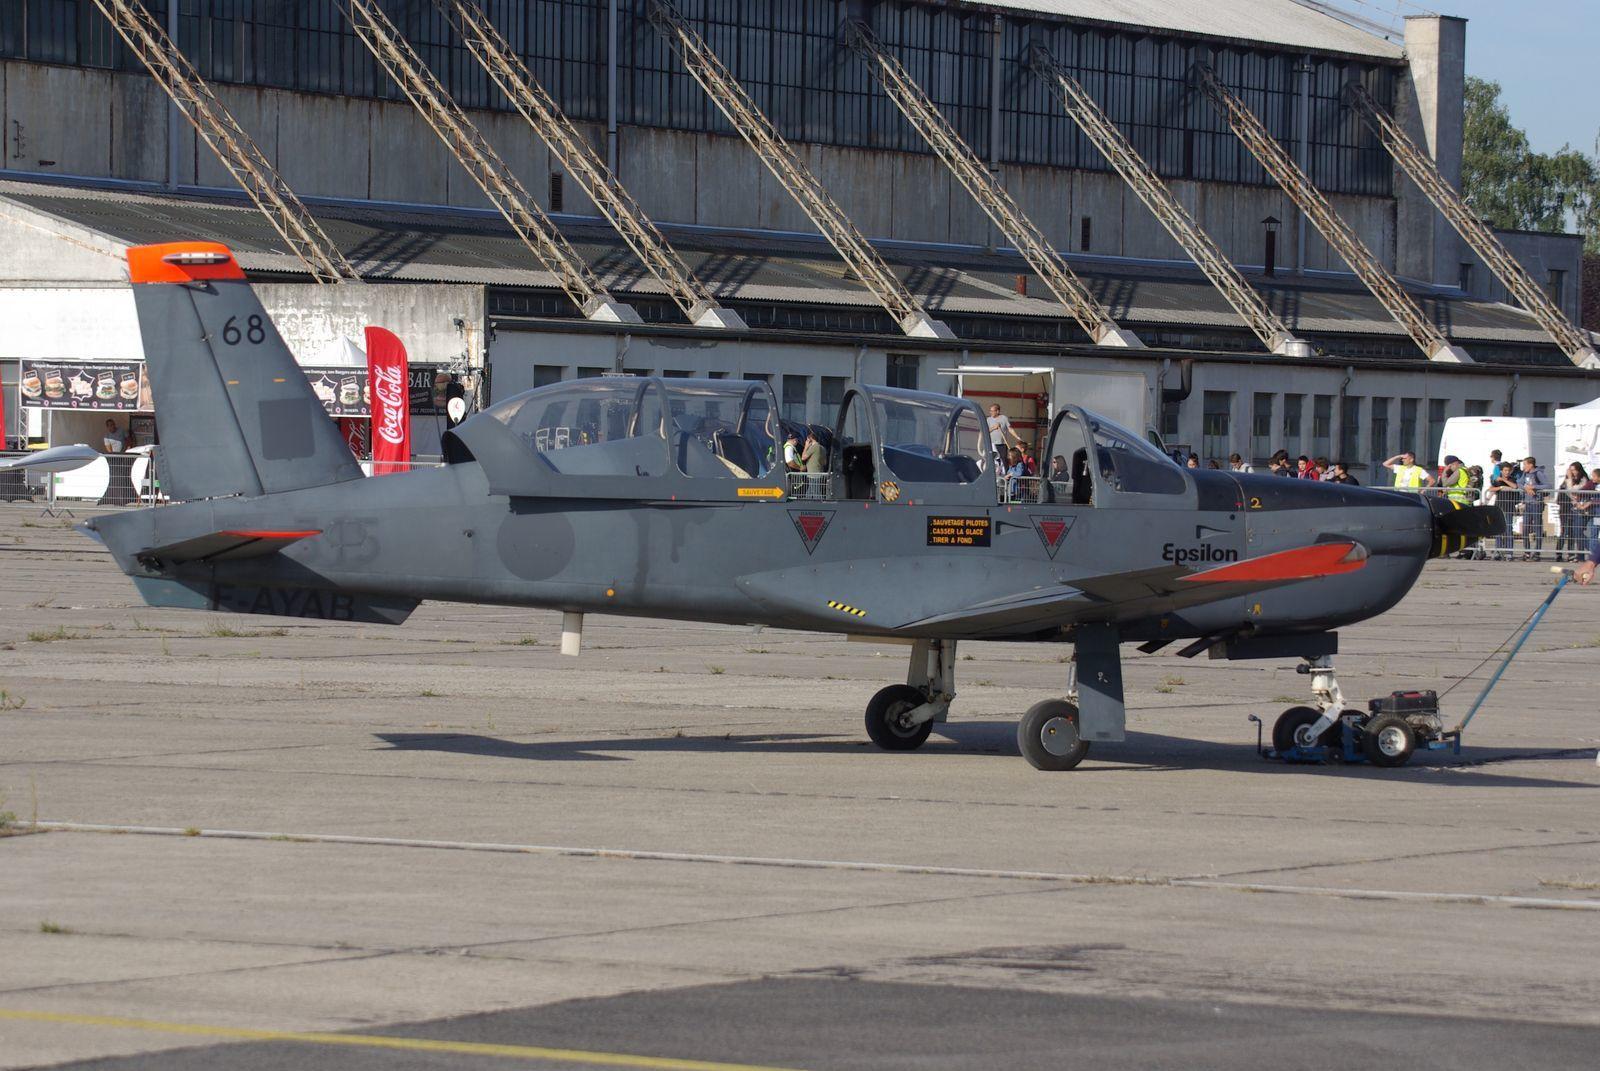 Parmi les trois exemplaires conservés à Melun, on a vu le Socata TB-30 Epsilon N°68 F-AYAB.